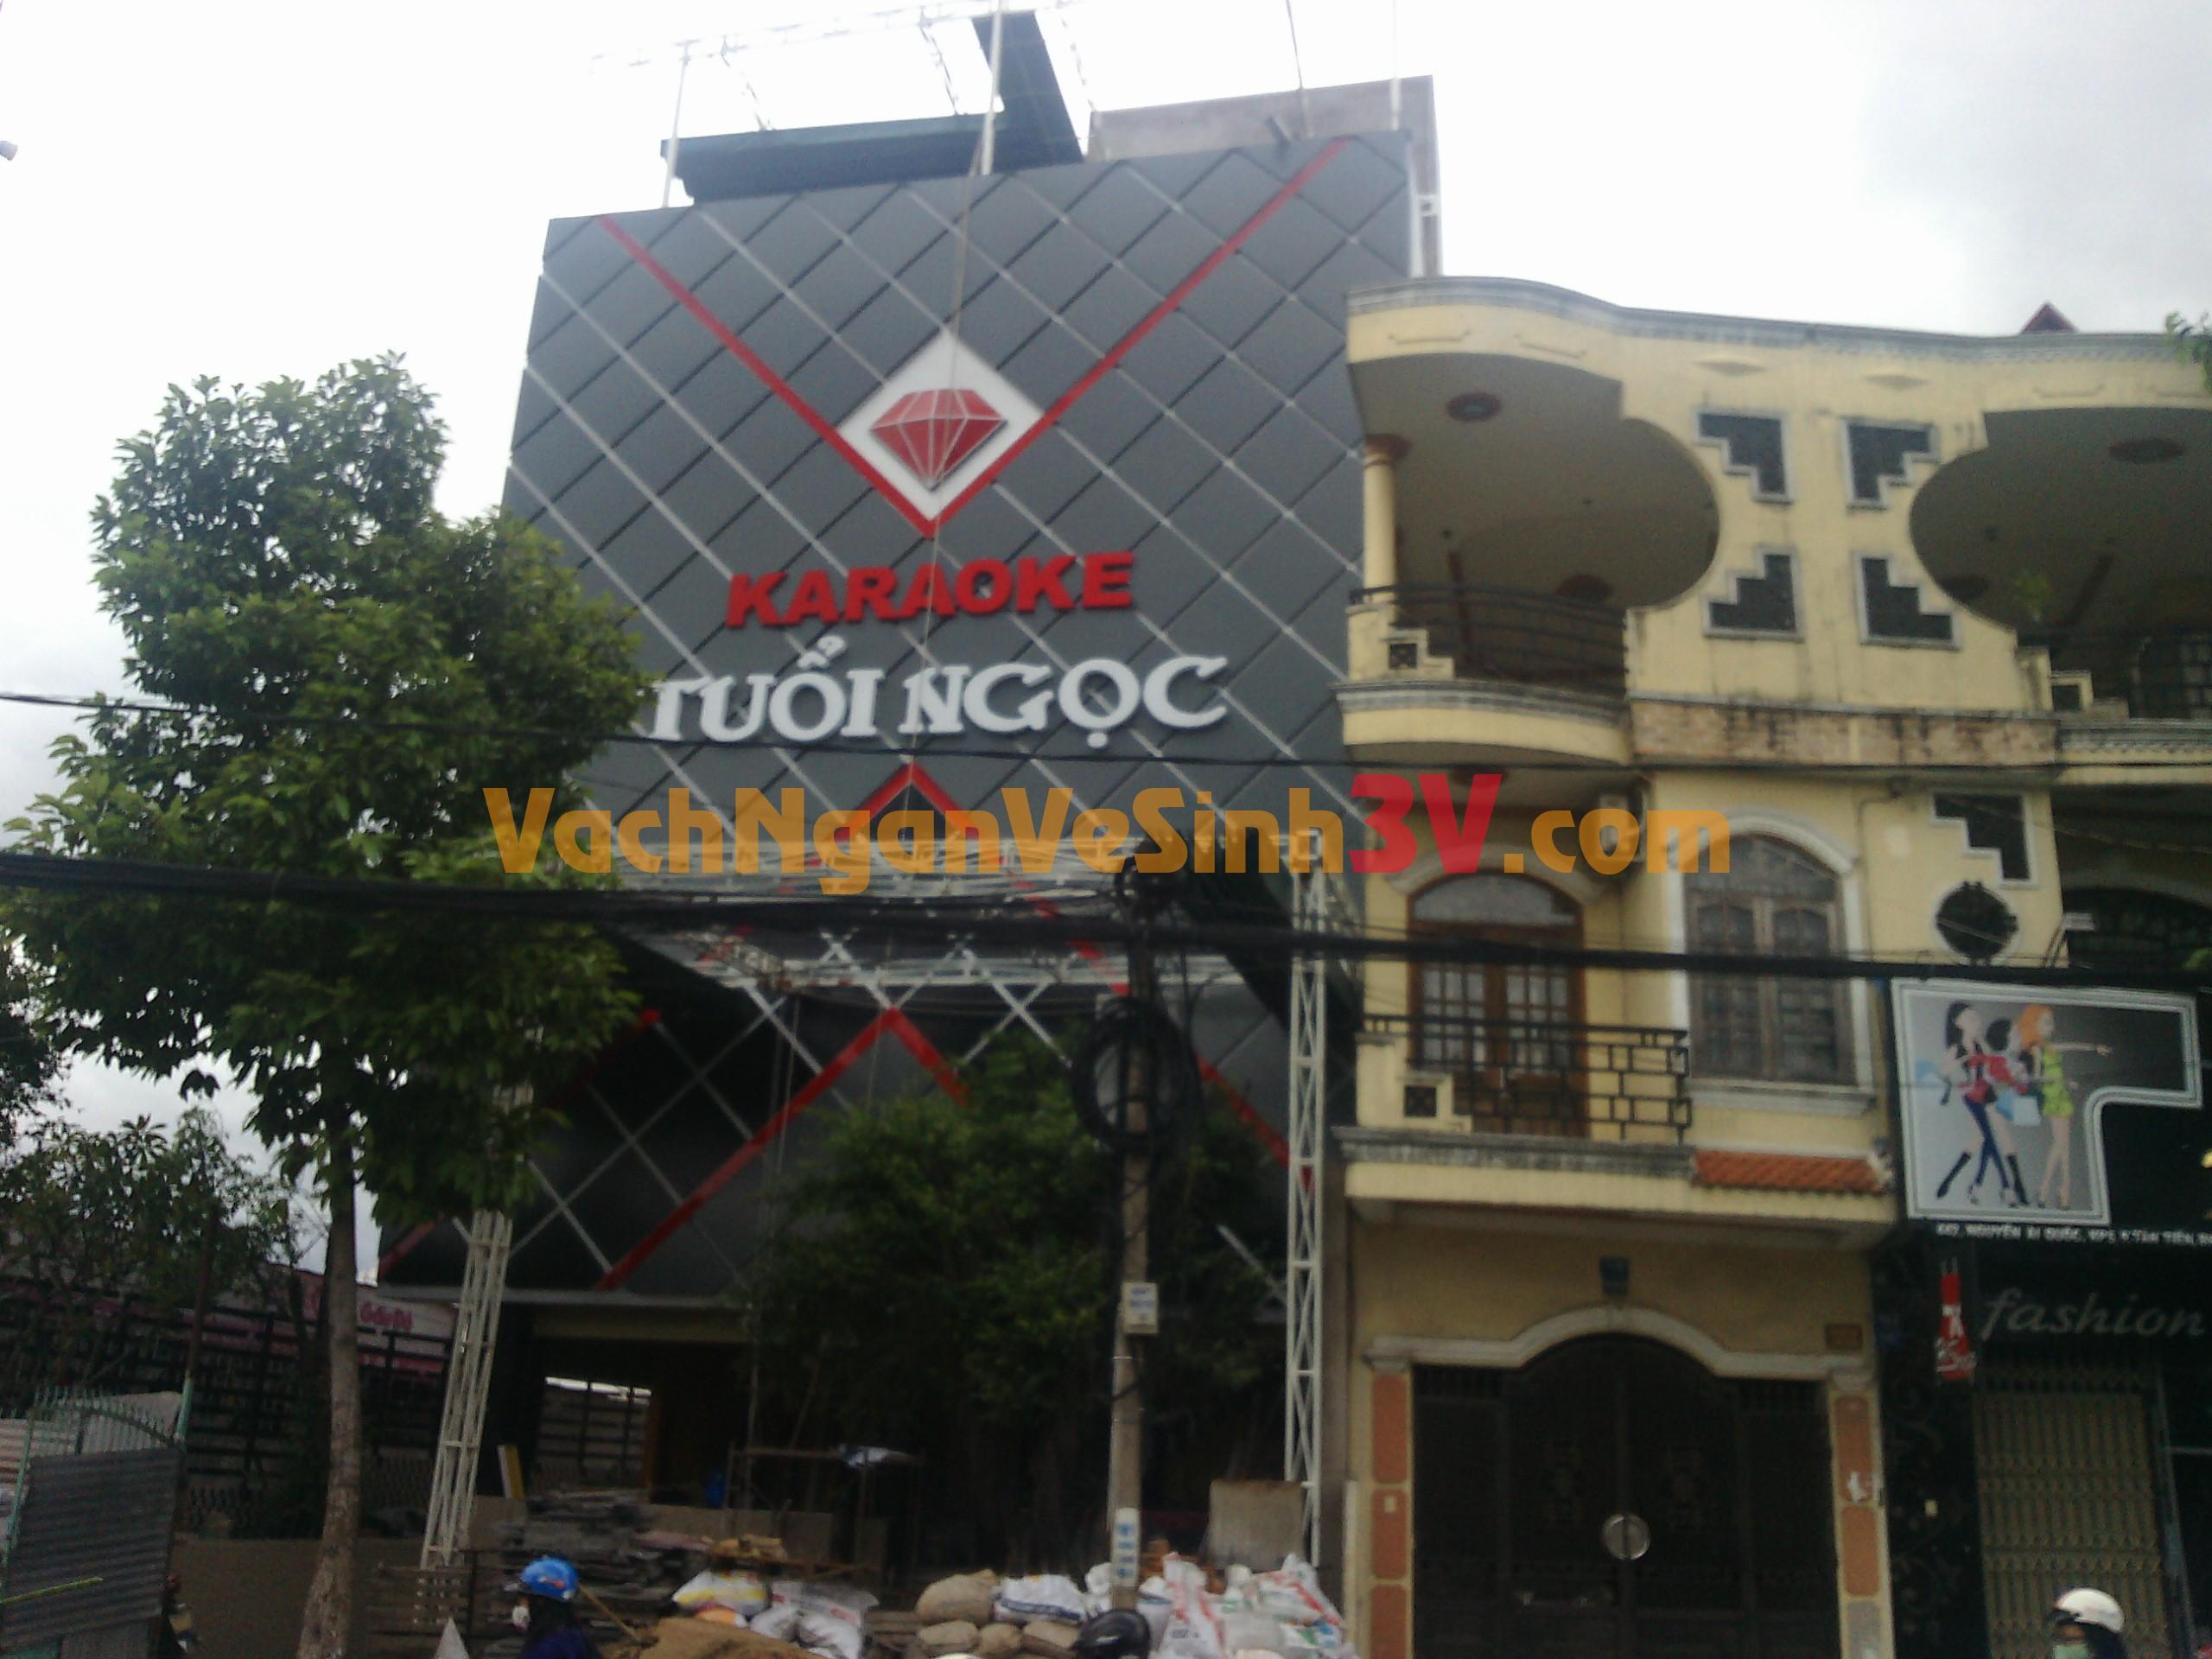 Vách ngăn nhà vệ sinh tại Quán karaoke Tuổi Ngọc, Biên Hòa, Đồng Nai